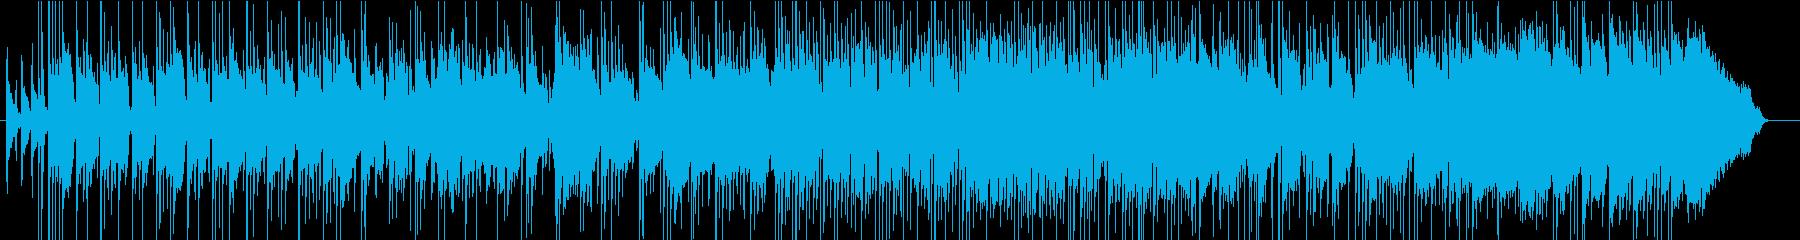 アコギ&ラップスチールUKブルースロックの再生済みの波形